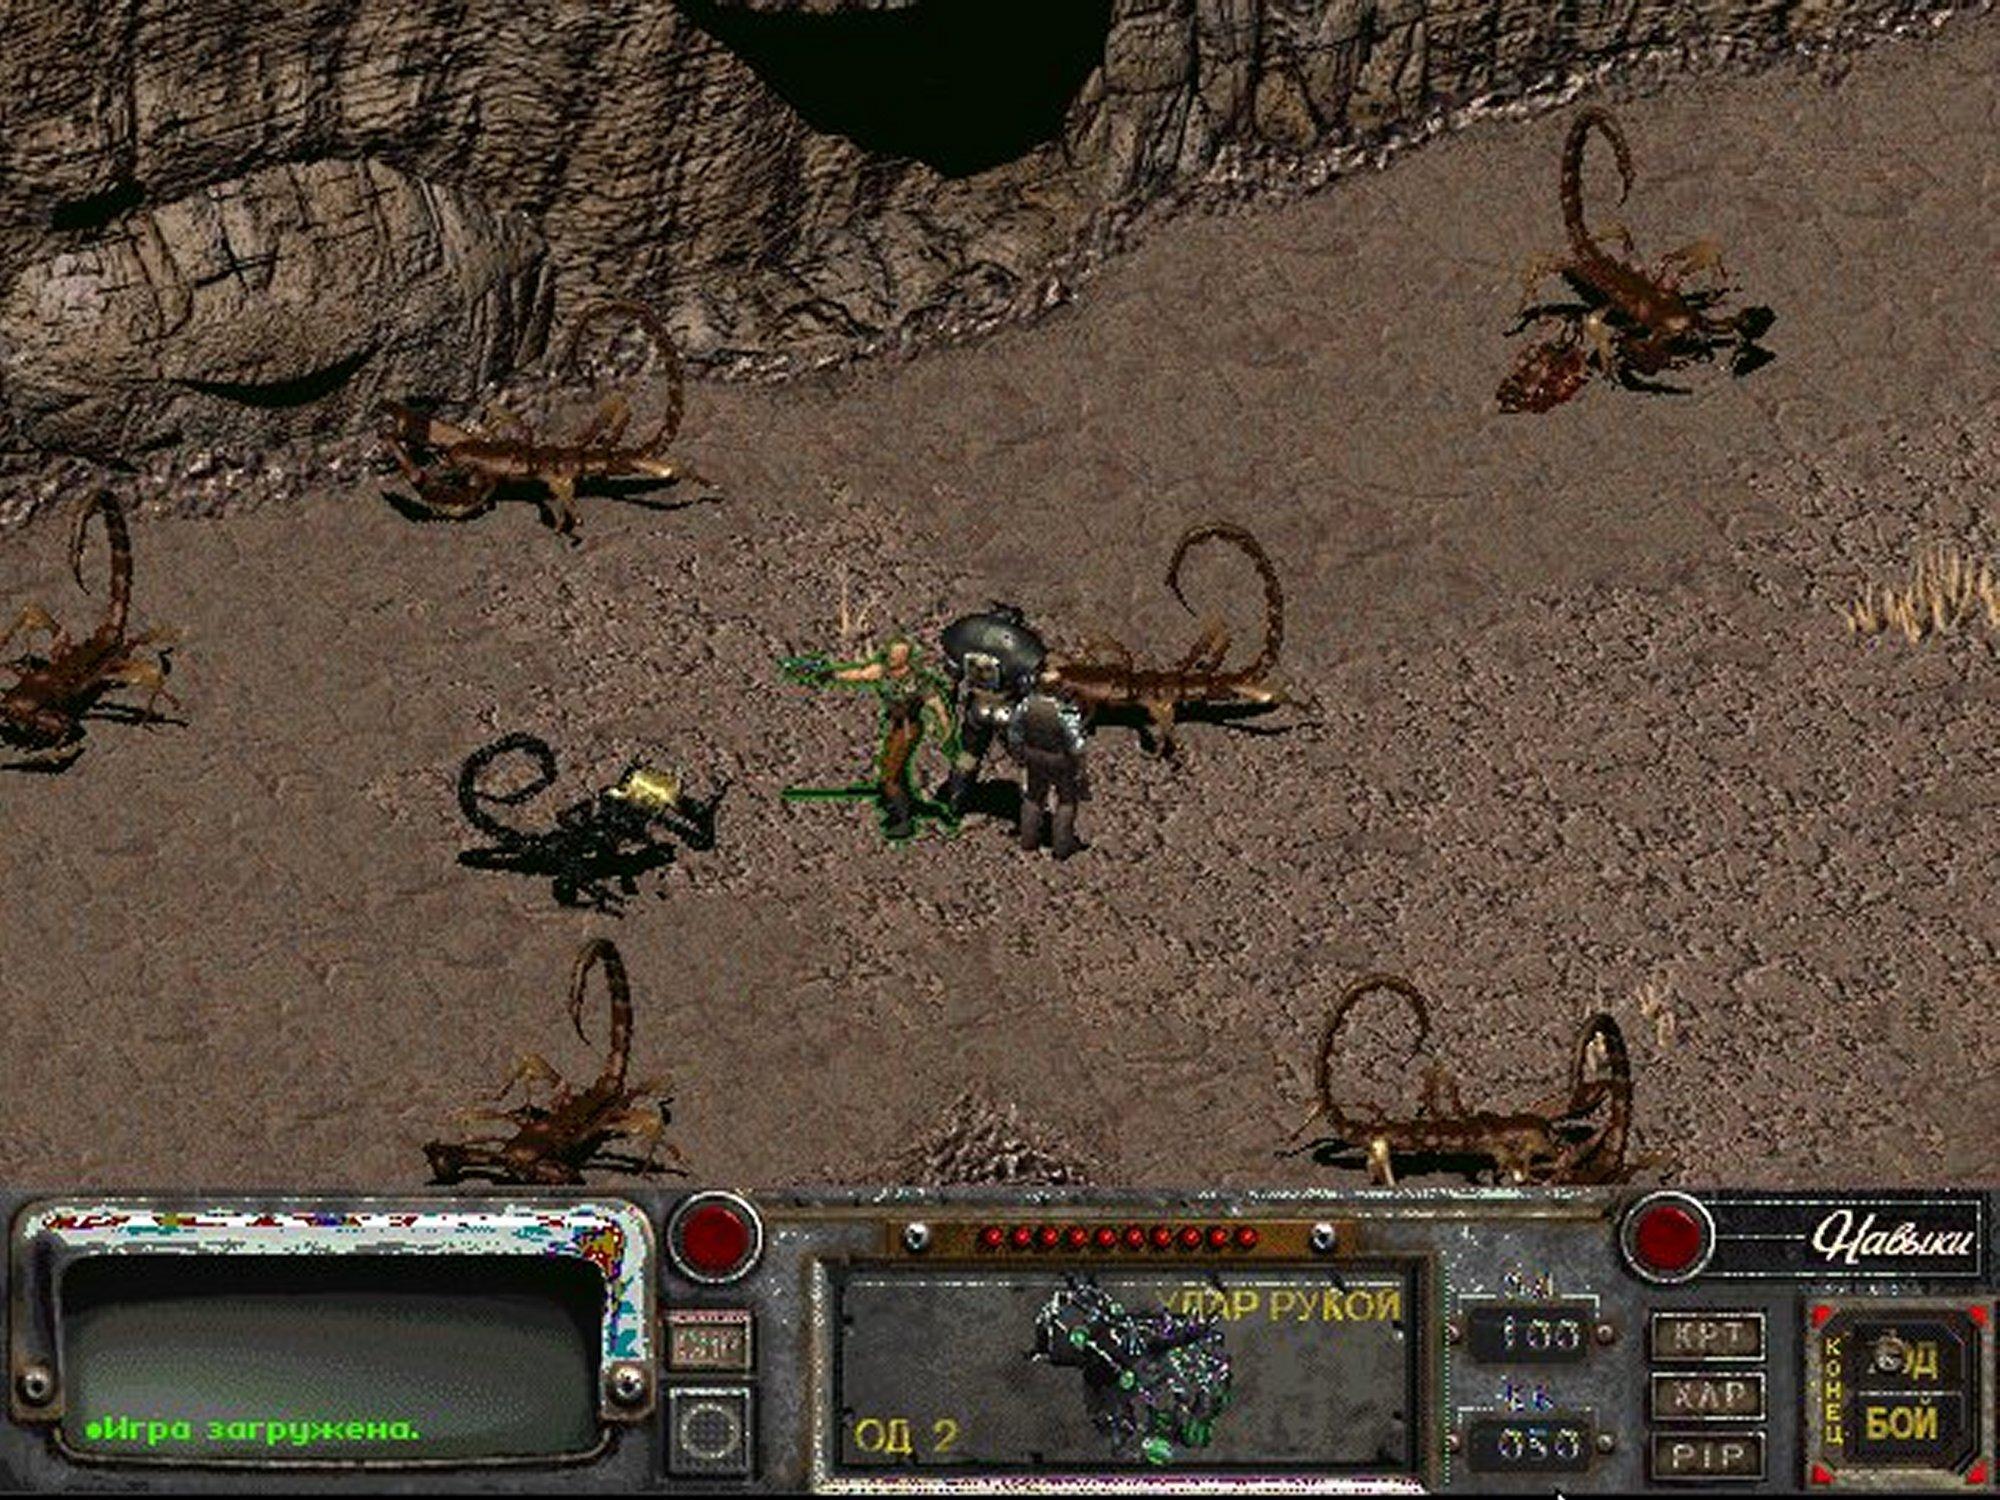 Как играть в азартные игры в fallout 2 играть в казино бесплатно и без регистрации в онлайн вулкан